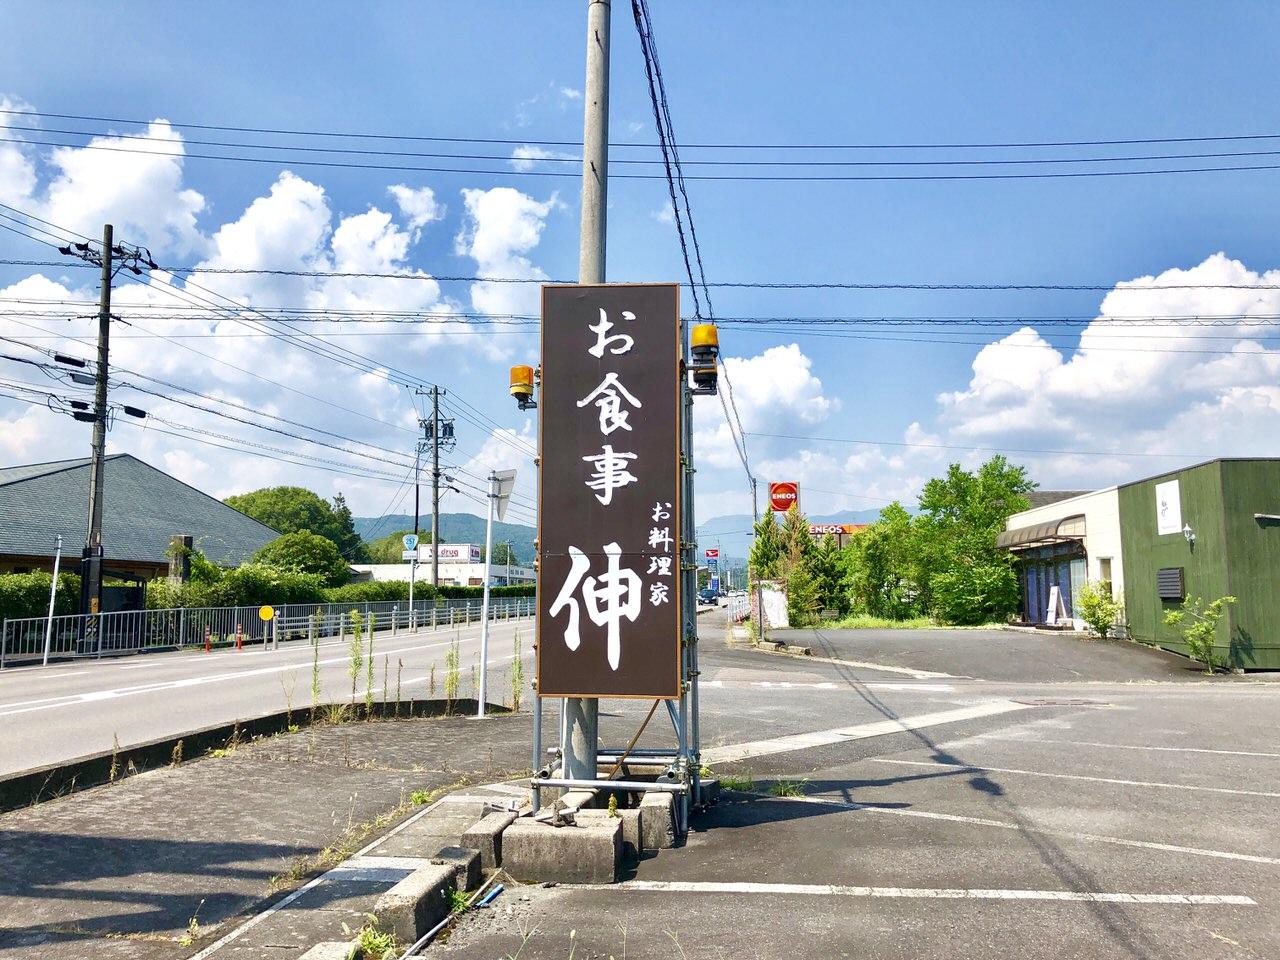 中津川の福岡にある伸の看板